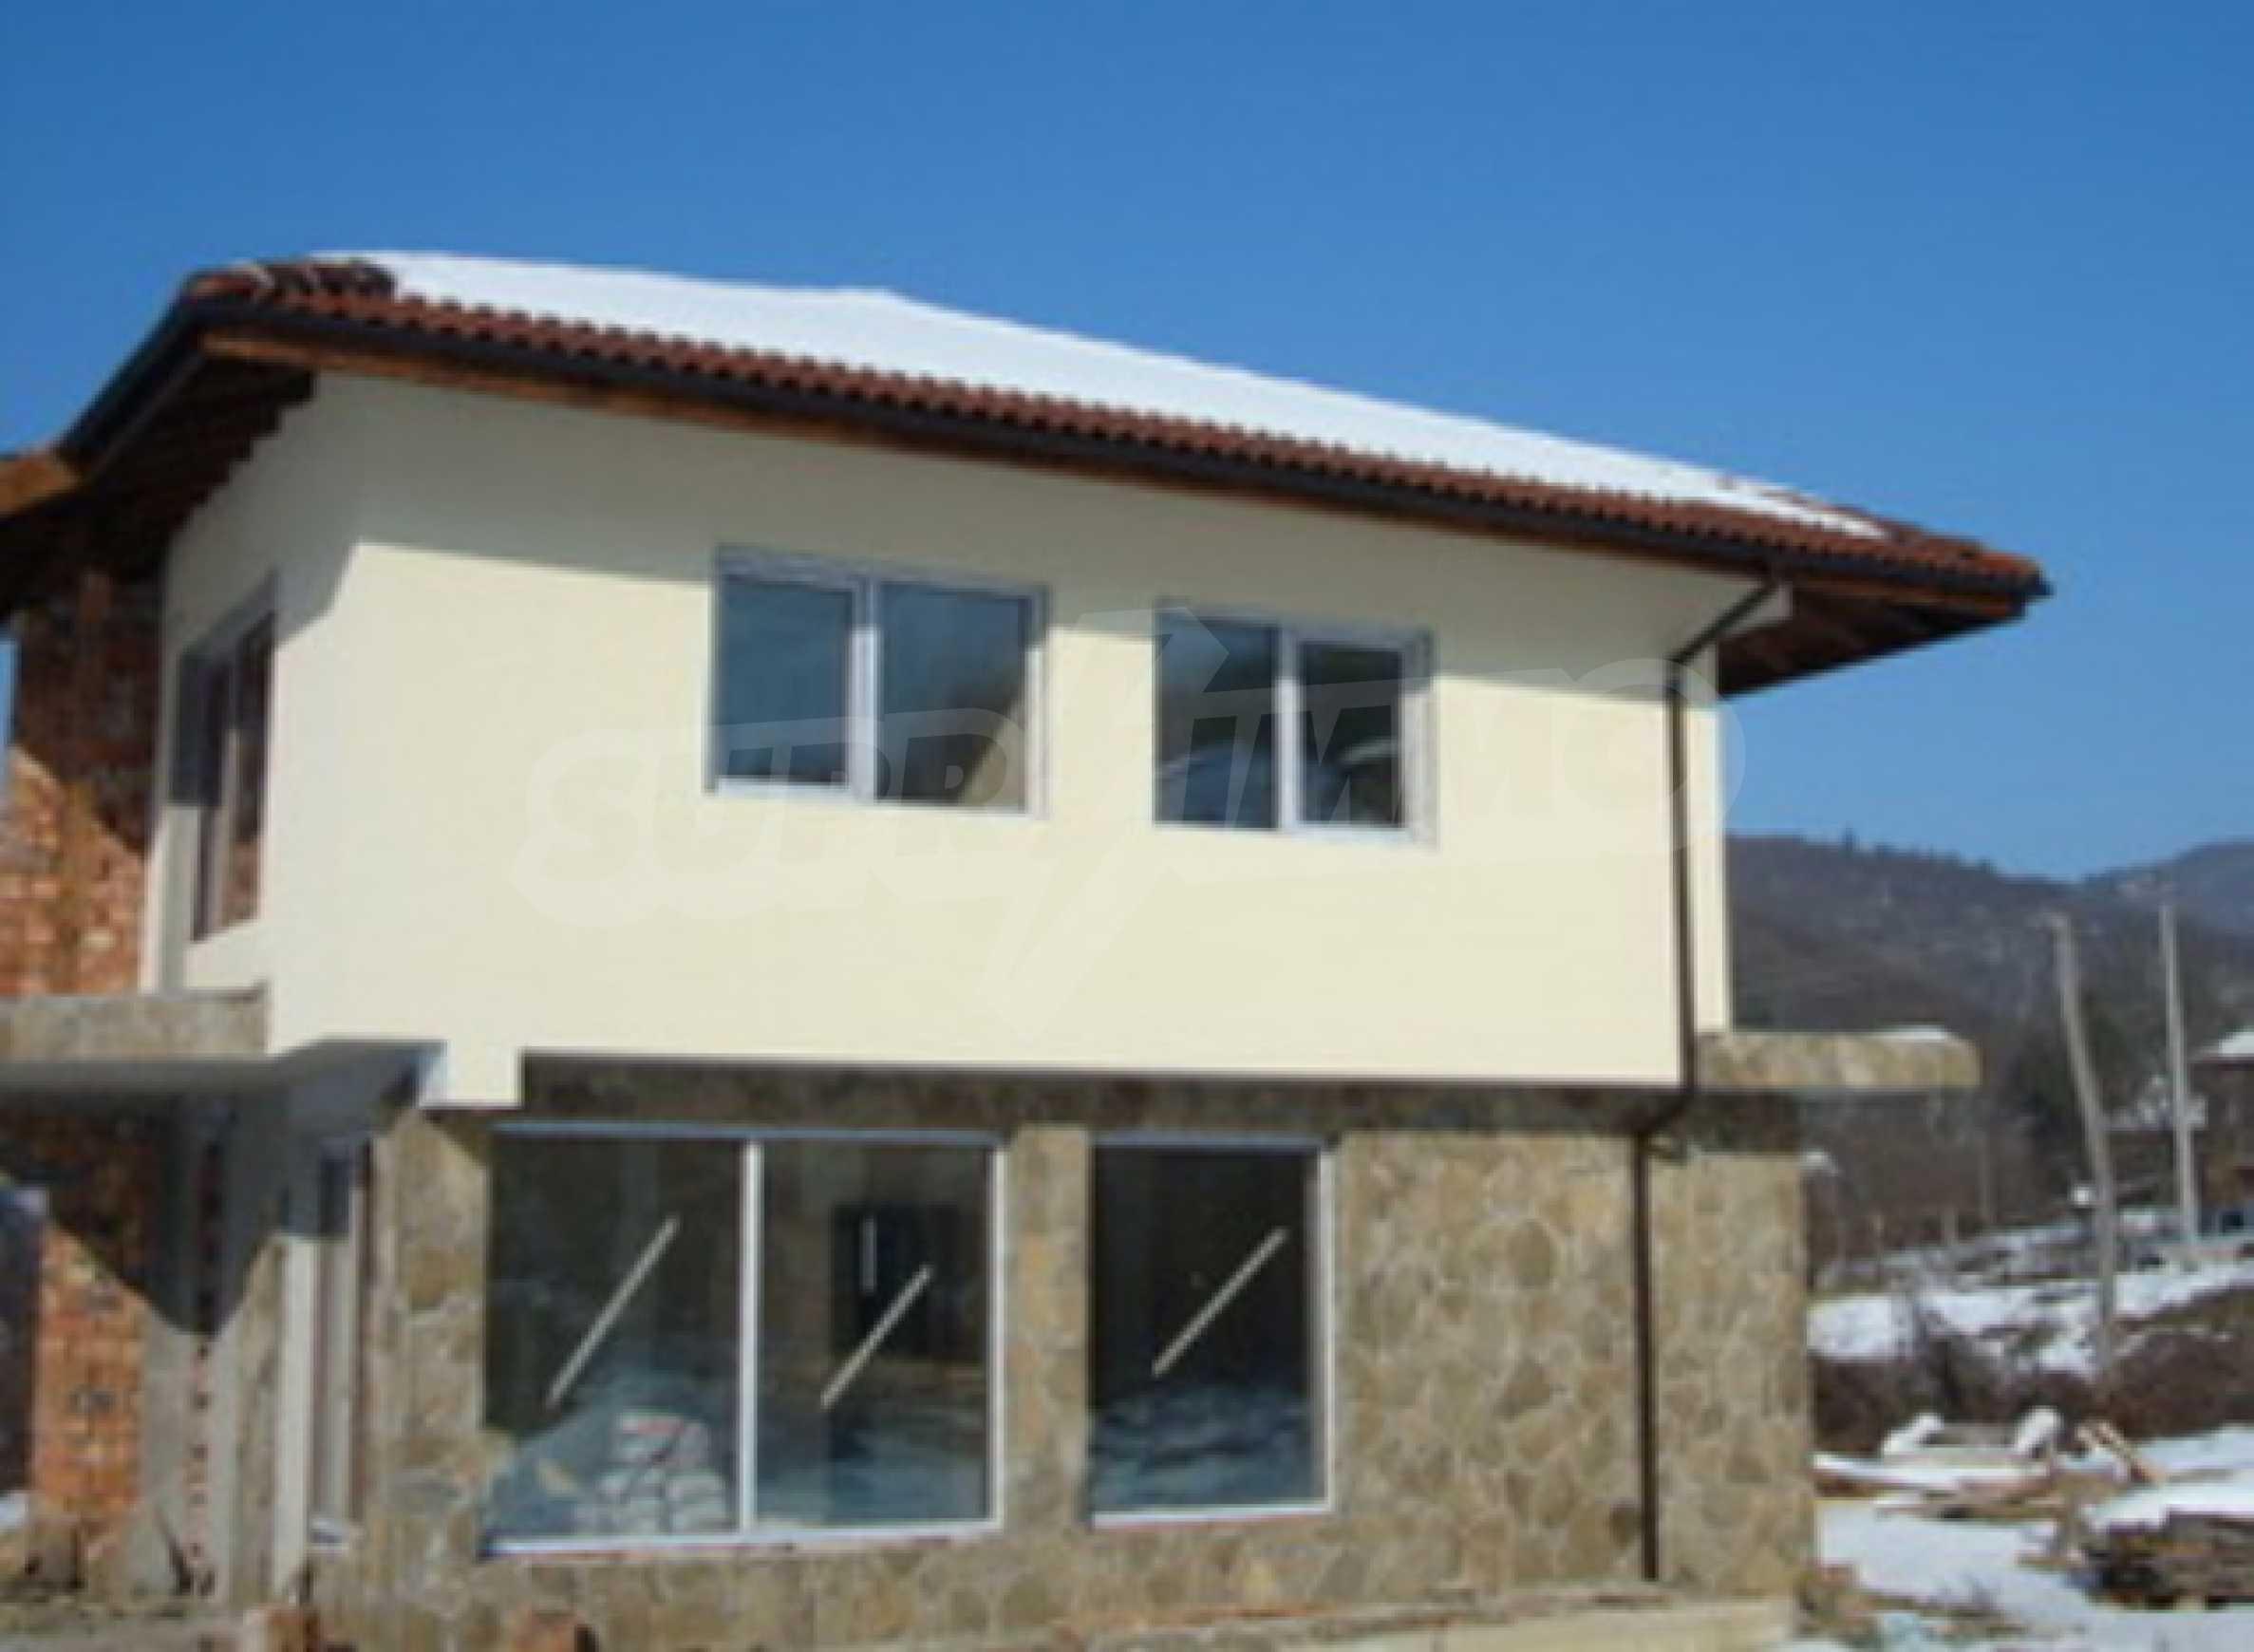 Feriendorfprojekt in der Nähe von Teteven